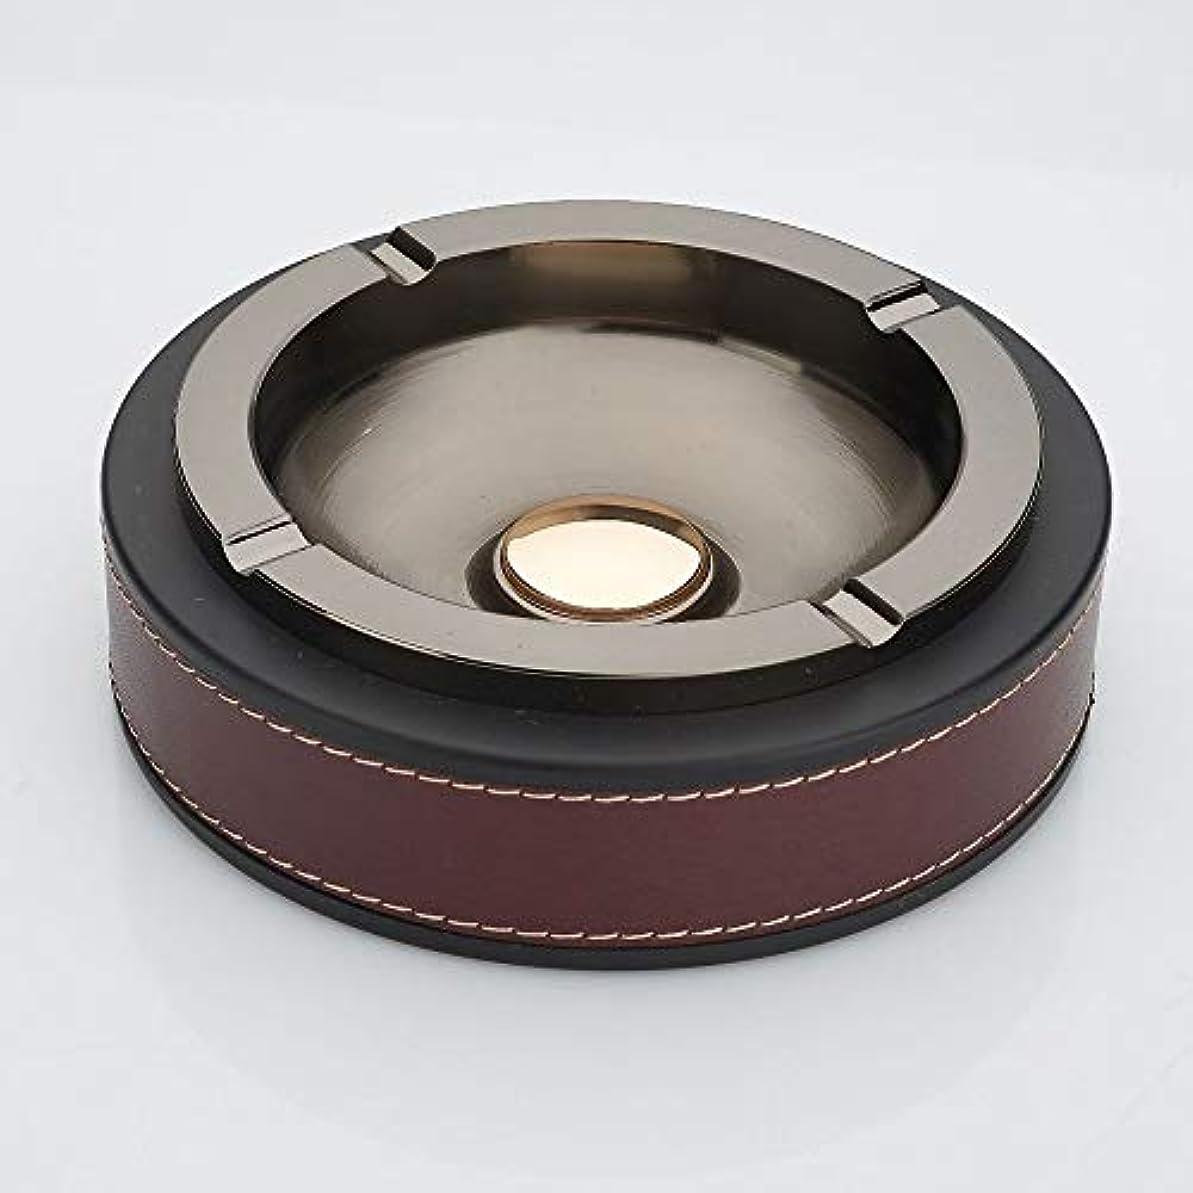 共同選択裁量羊タバコの灰皿クリエイティブ灰皿ホームデコレーション (色 : 赤)